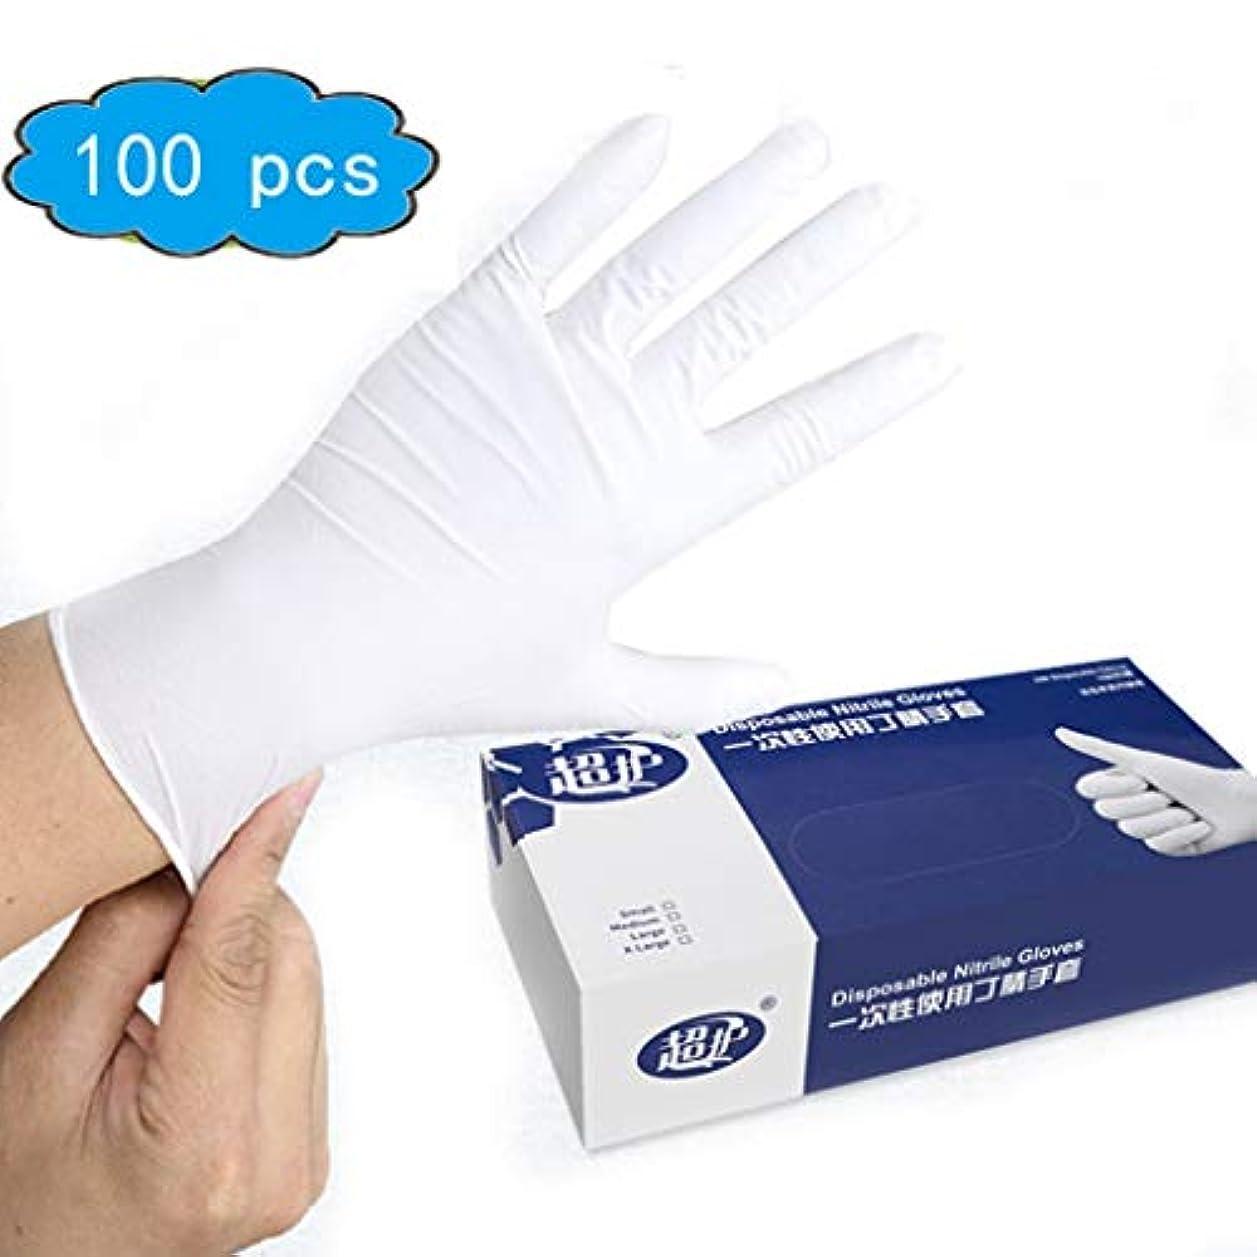 前に憂鬱印象使い捨てニトリル手袋-医療グレード、パウダーフリー、ラテックスゴムフリー、使い捨て、非滅菌、食品安全、白色、2.5ミル、100個入りパック、使い捨て手袋食品、ツール&ホーム改善 (Color : White, Size...